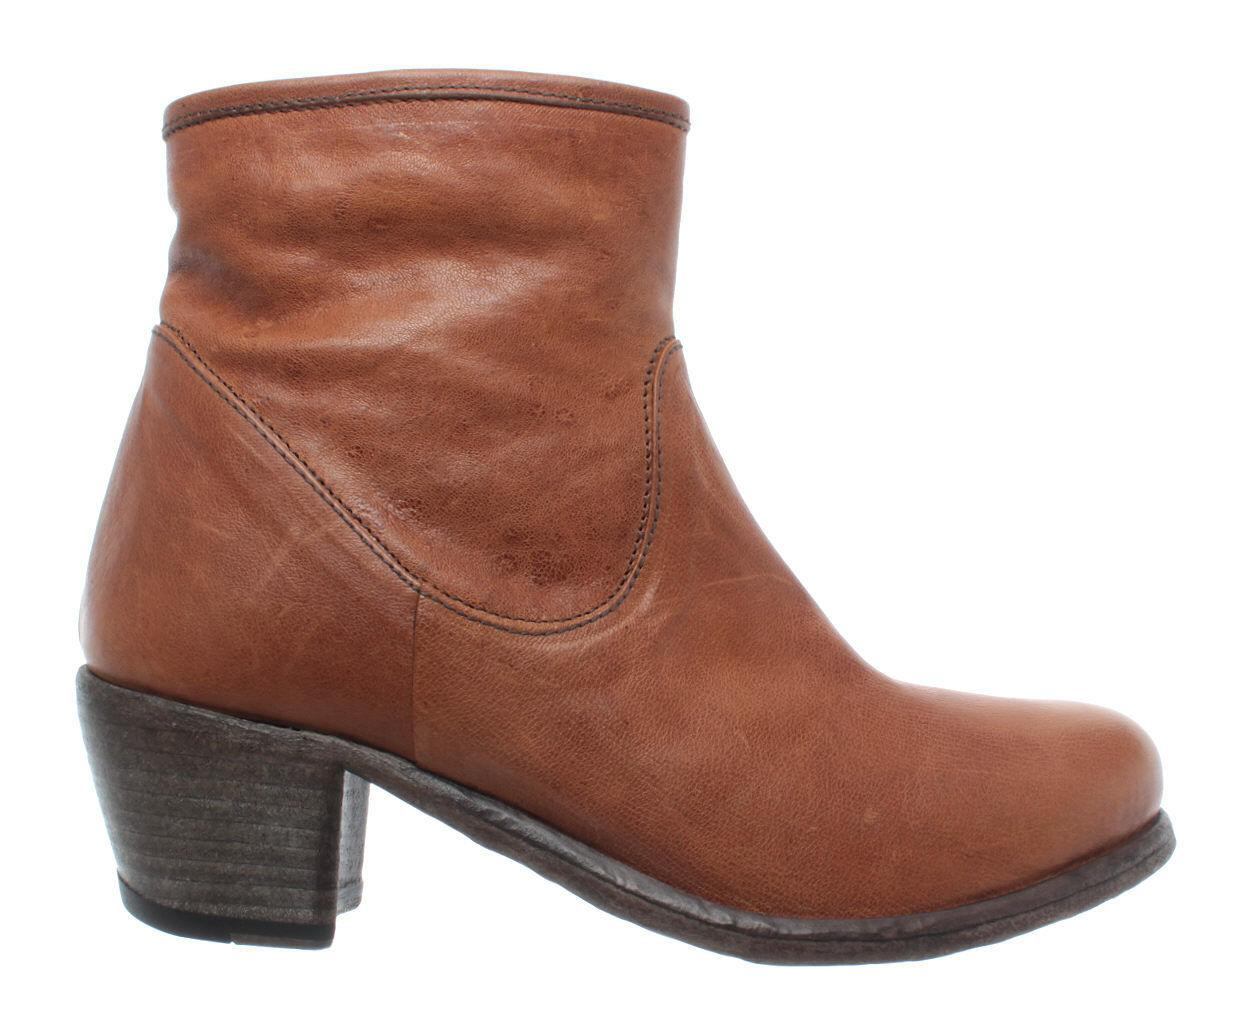 Damen Schuhe Stiefeletten FIORENTINI + BAKER BALBI9 Bethel Tortora Miele Leder